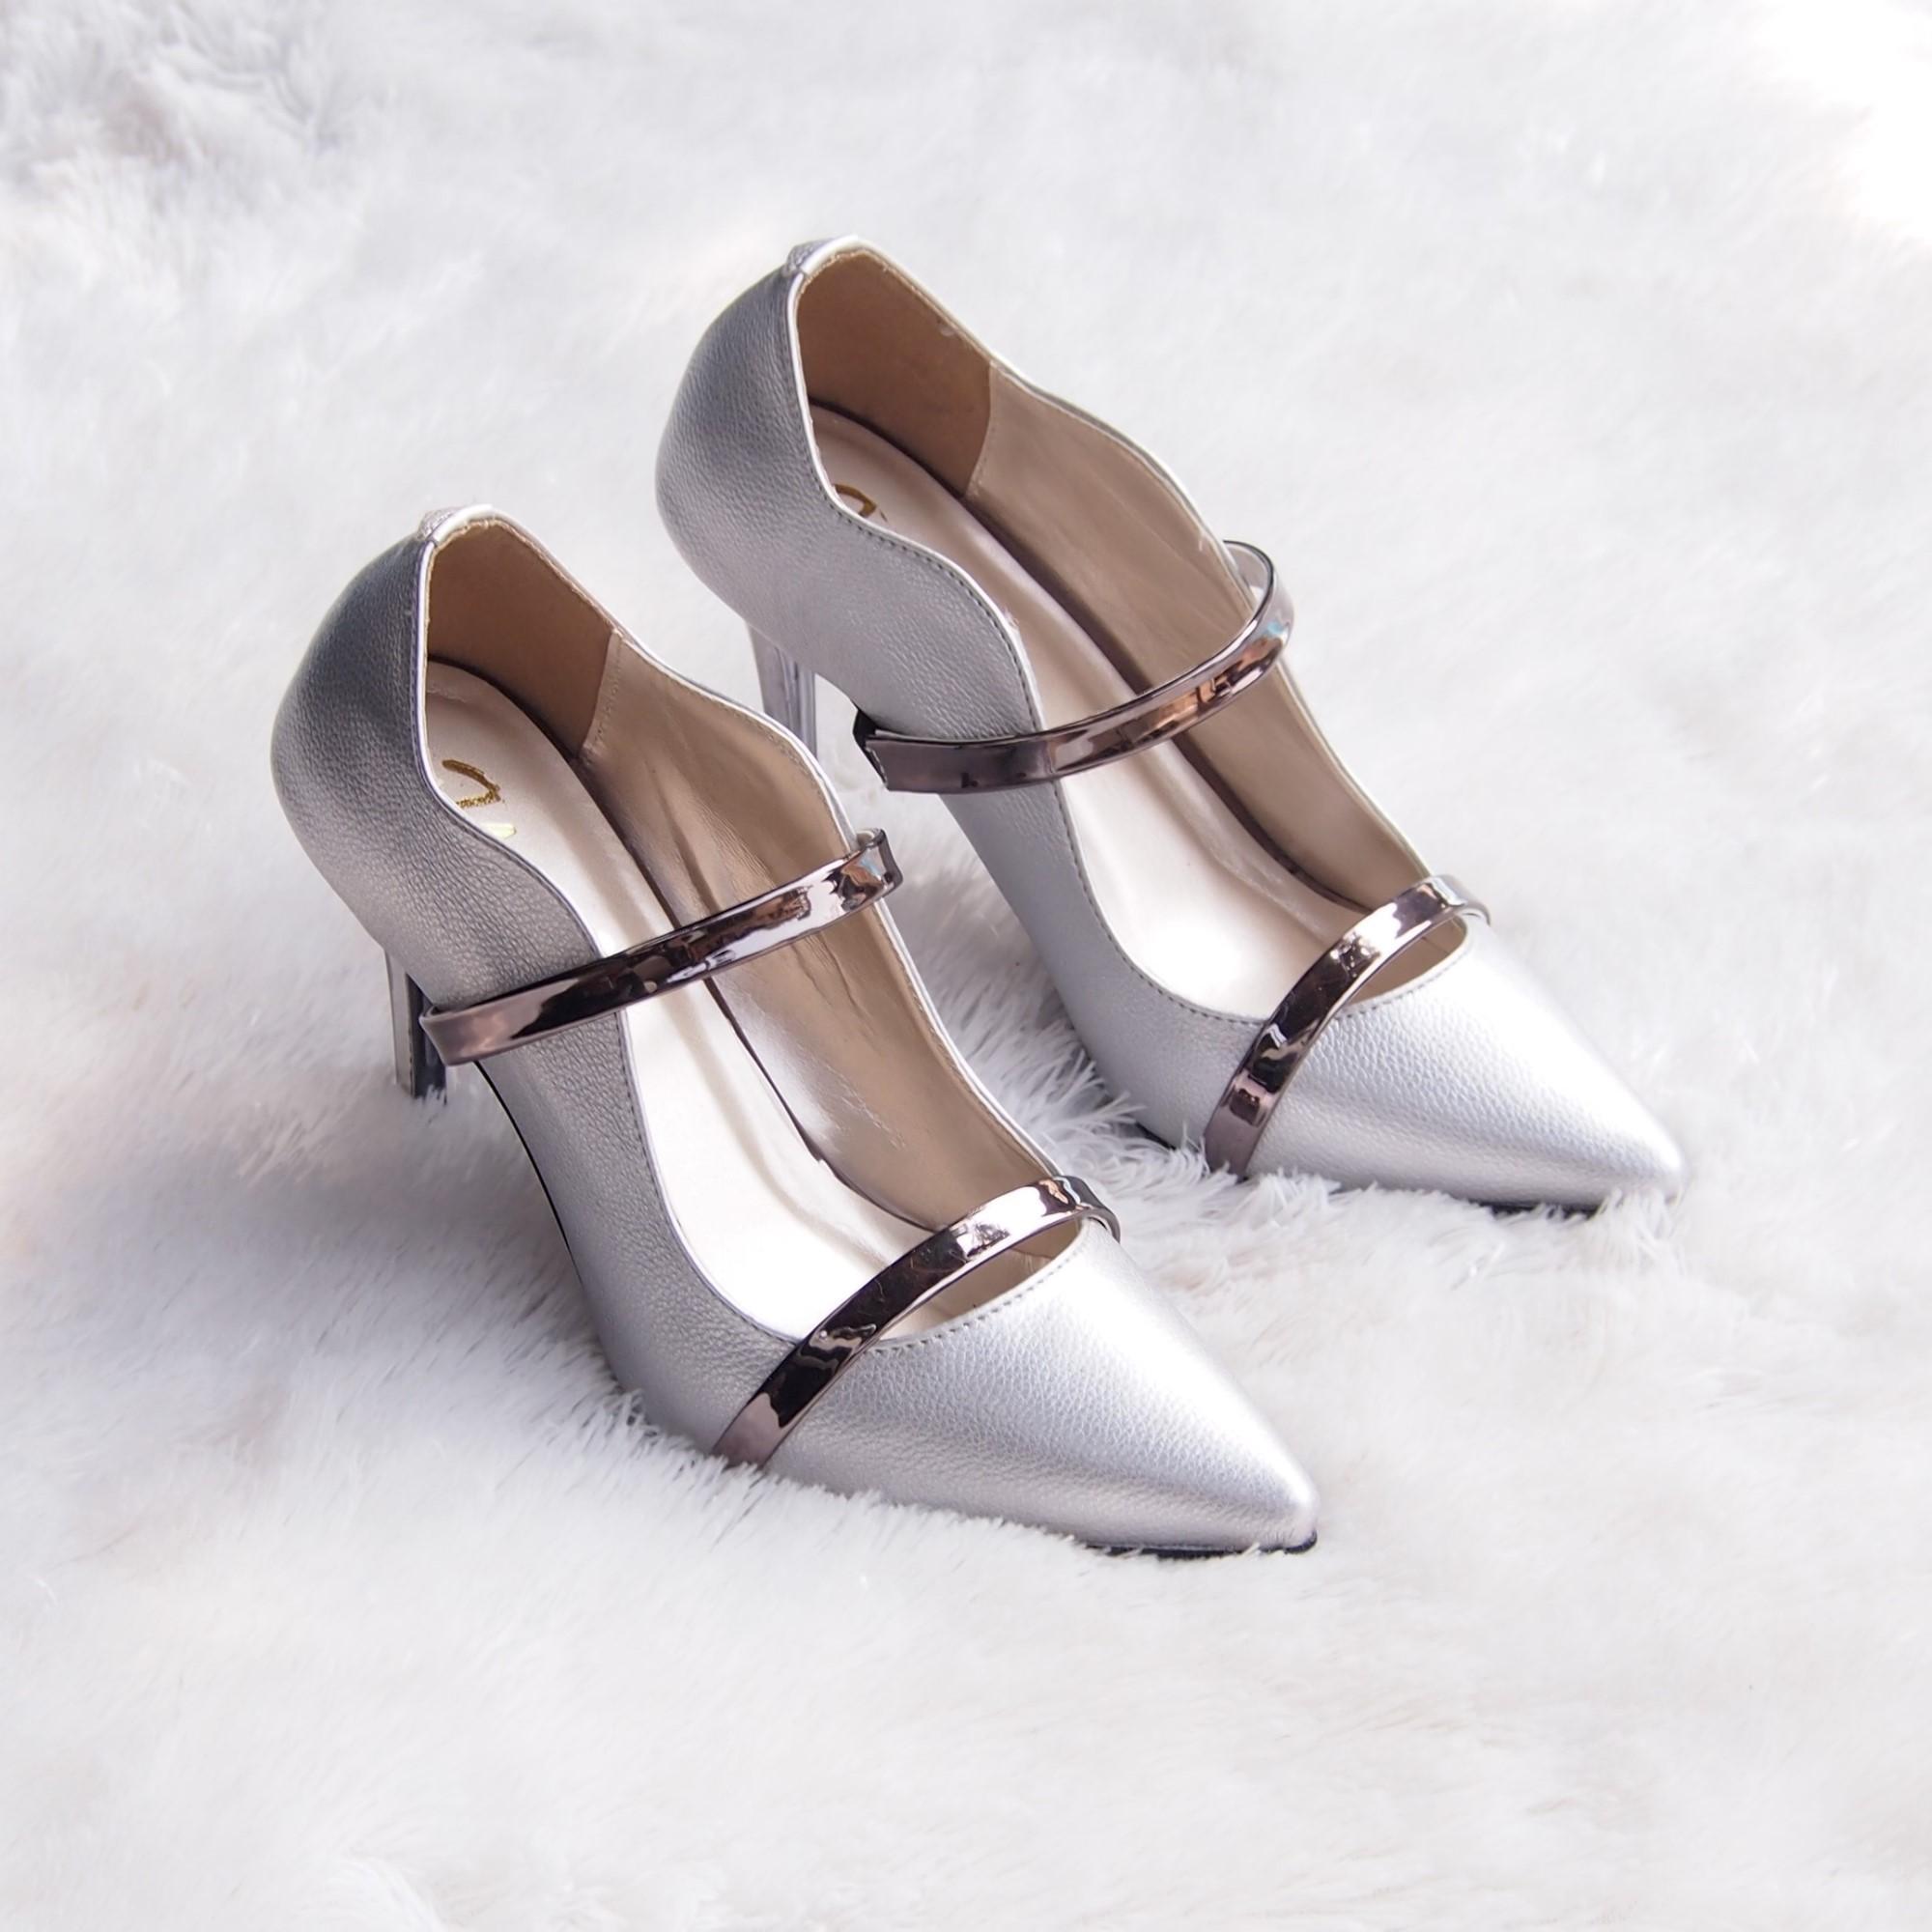 Detail Gambar High Heels - Sepatu Hak Tinggi 9 Cm Kualitas Premium -  Handmade by Vio 4afb4f07b9